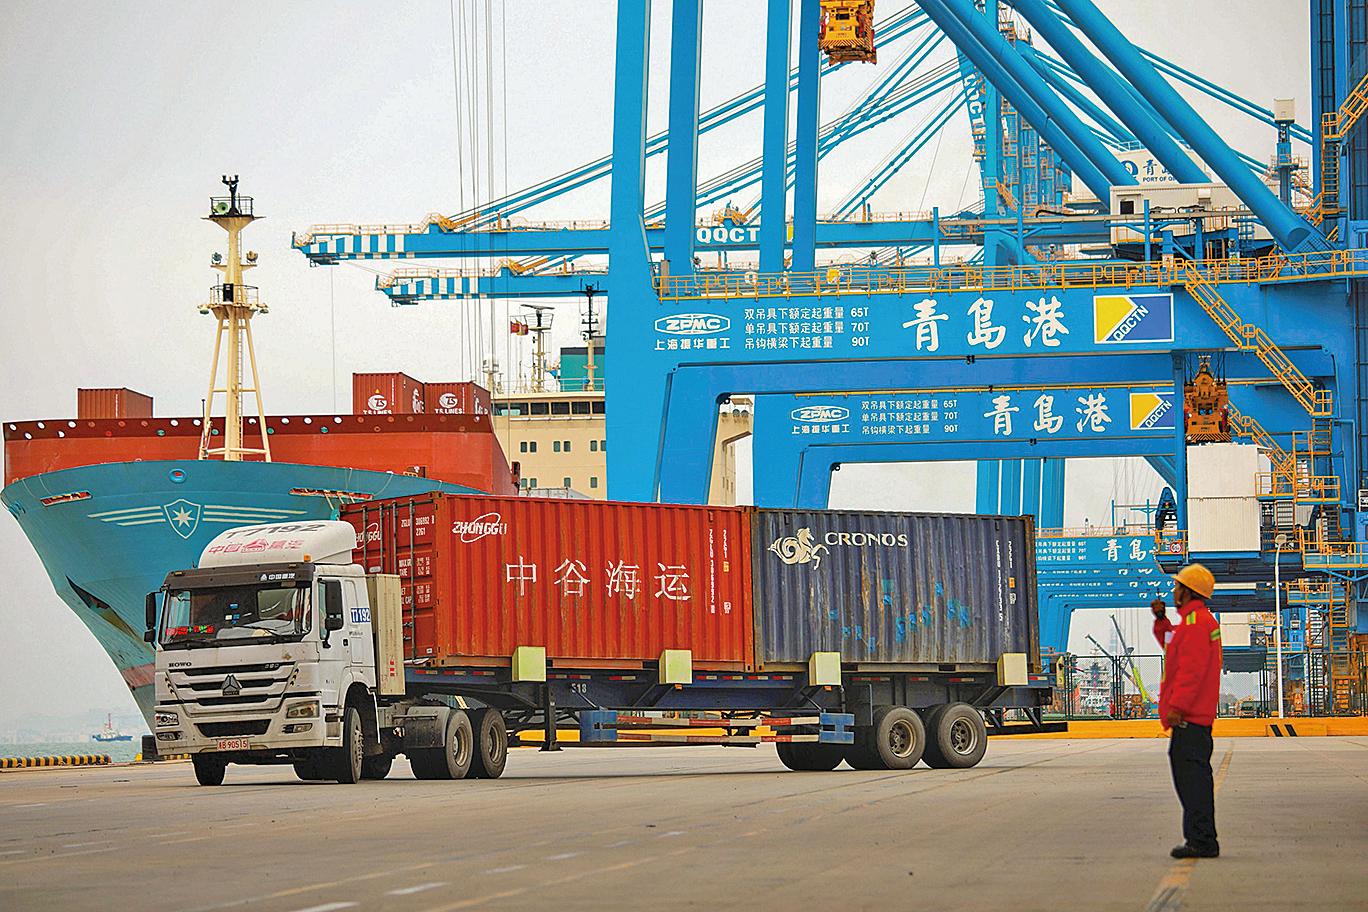 蓬佩奧表示,他希望在未來幾周能達成協議,使世界上兩個最大經濟體之間的貿易更加公平。圖為青島一港口。(AFP)